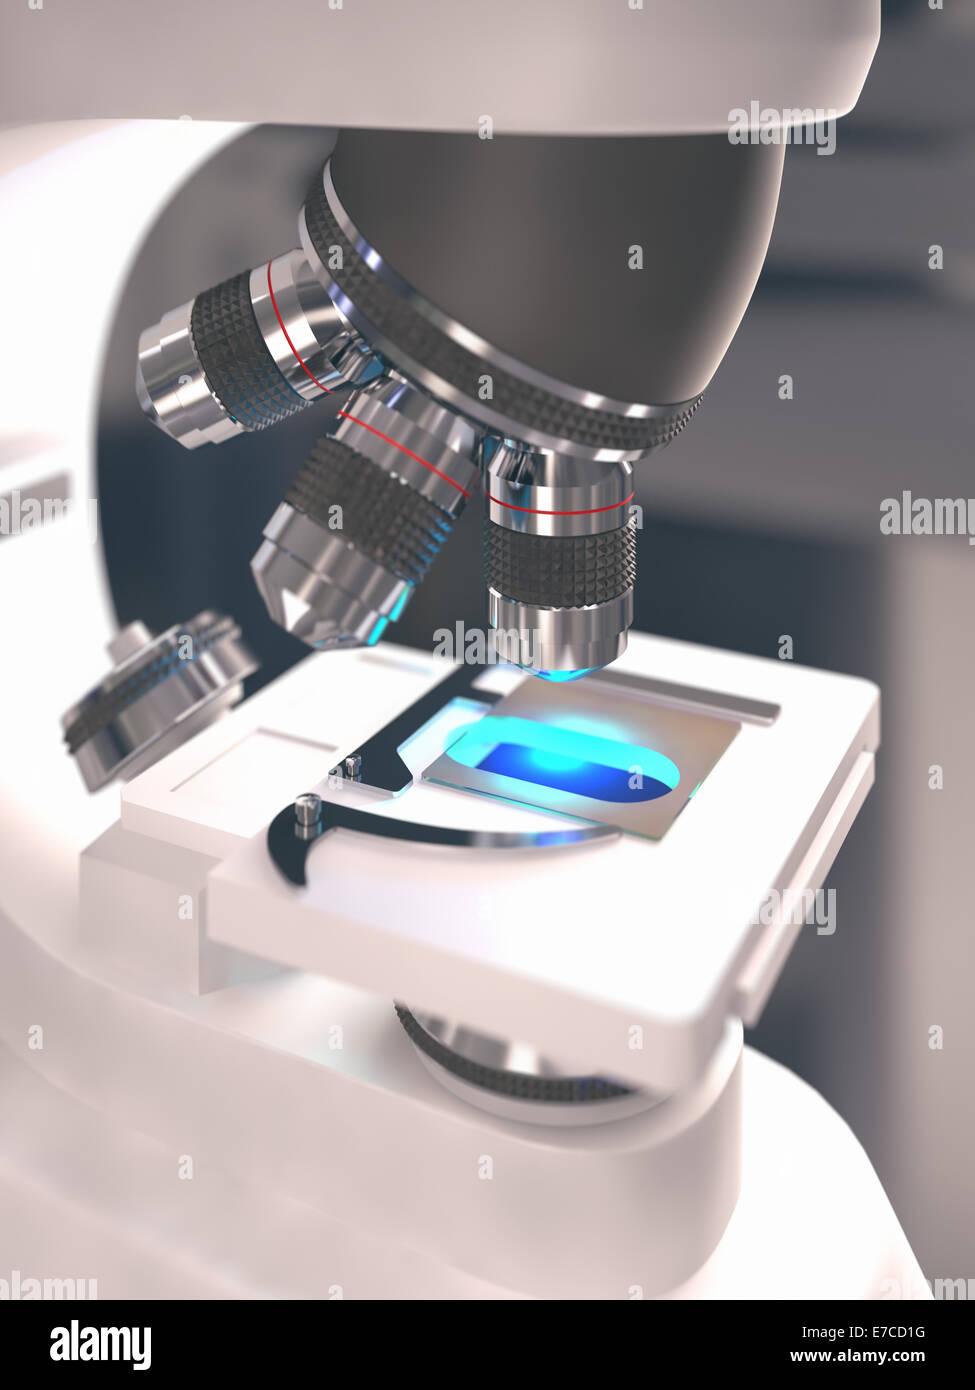 Microscopio con profondità di campo sulla lama. Immagini Stock